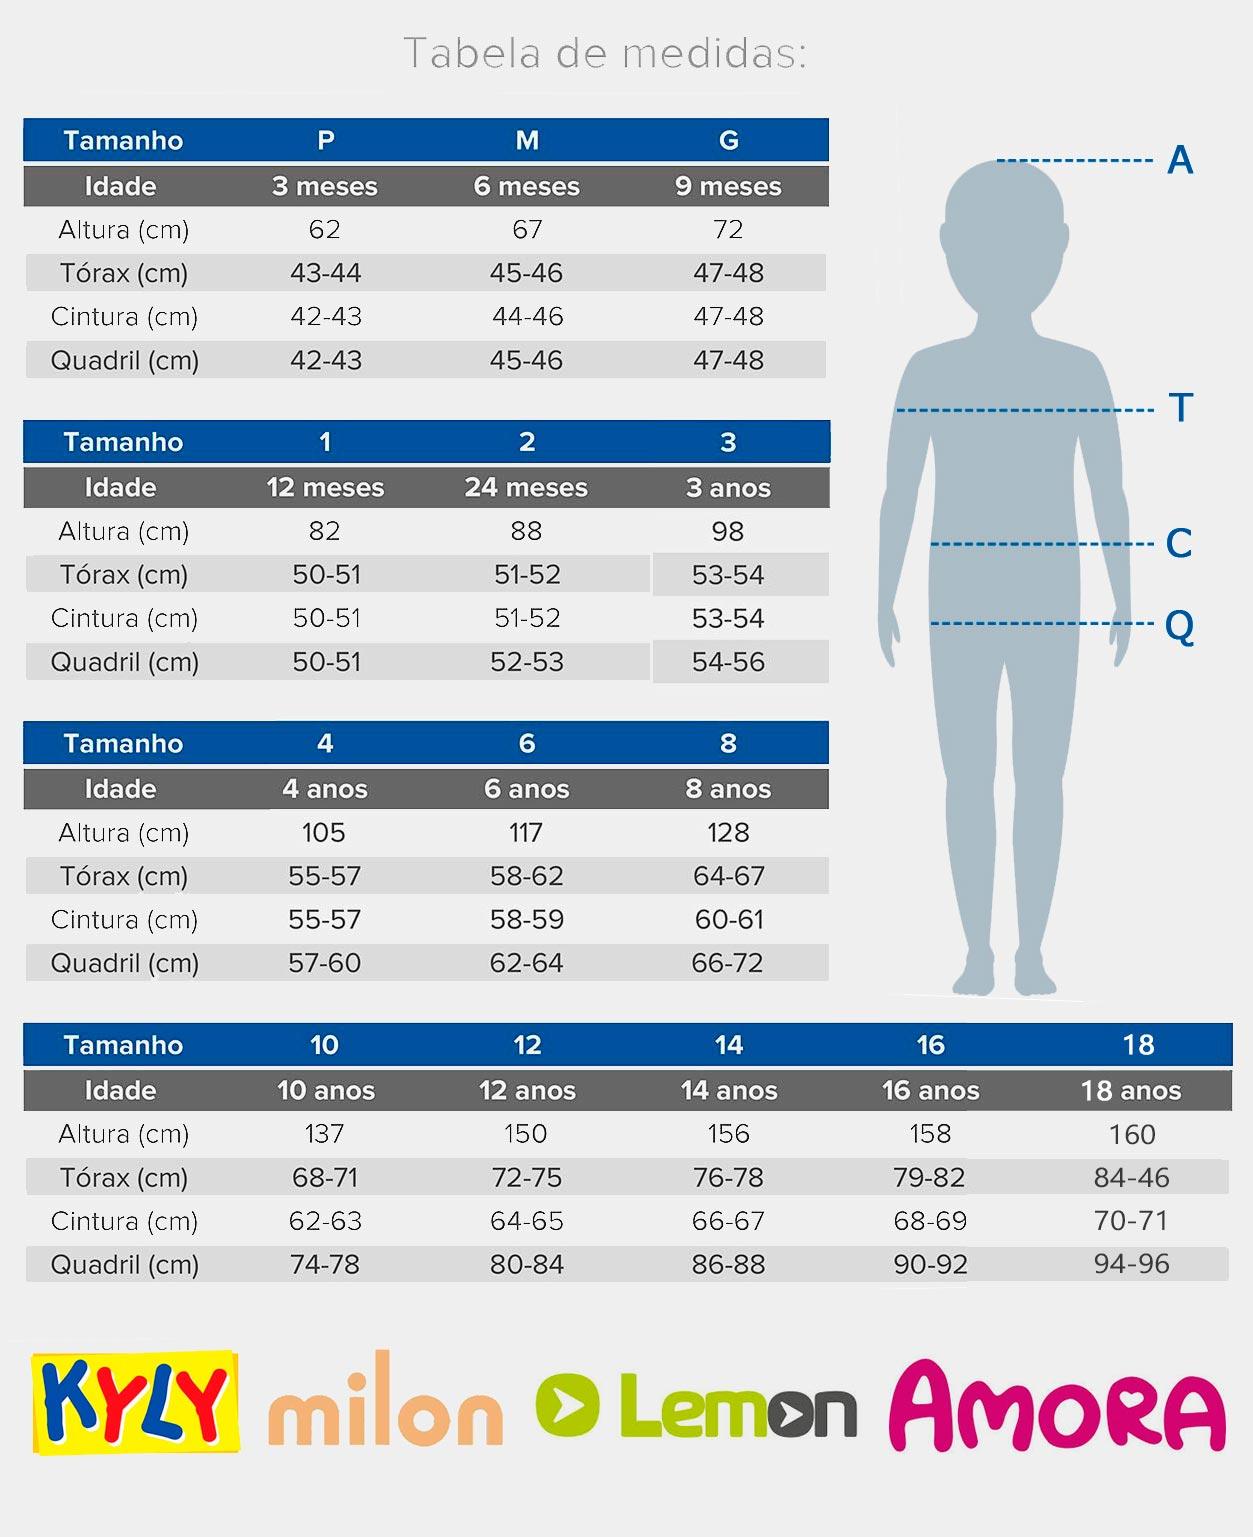 Camisola Infantil Verão Rosa Ice Cream Dream - Kyly: Tabela de medidas